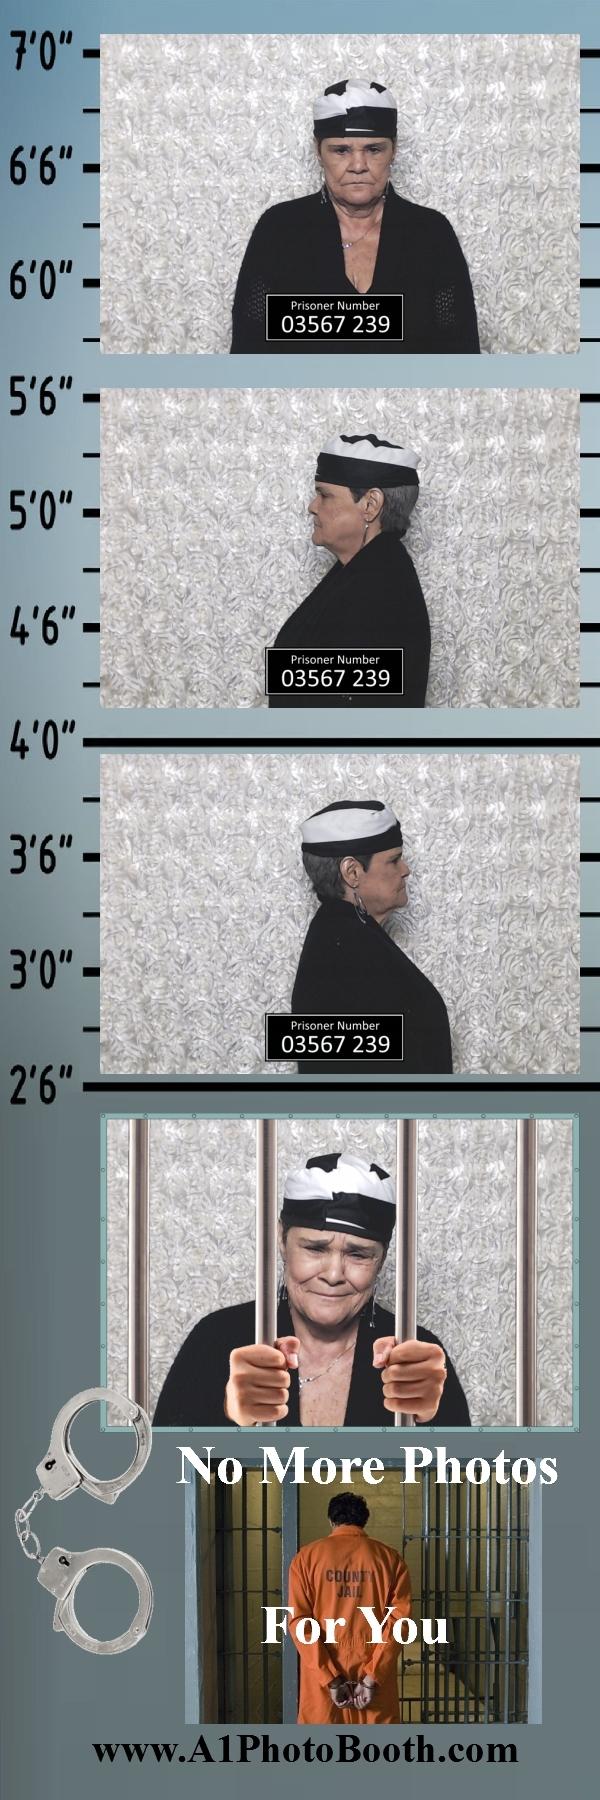 Jailsample